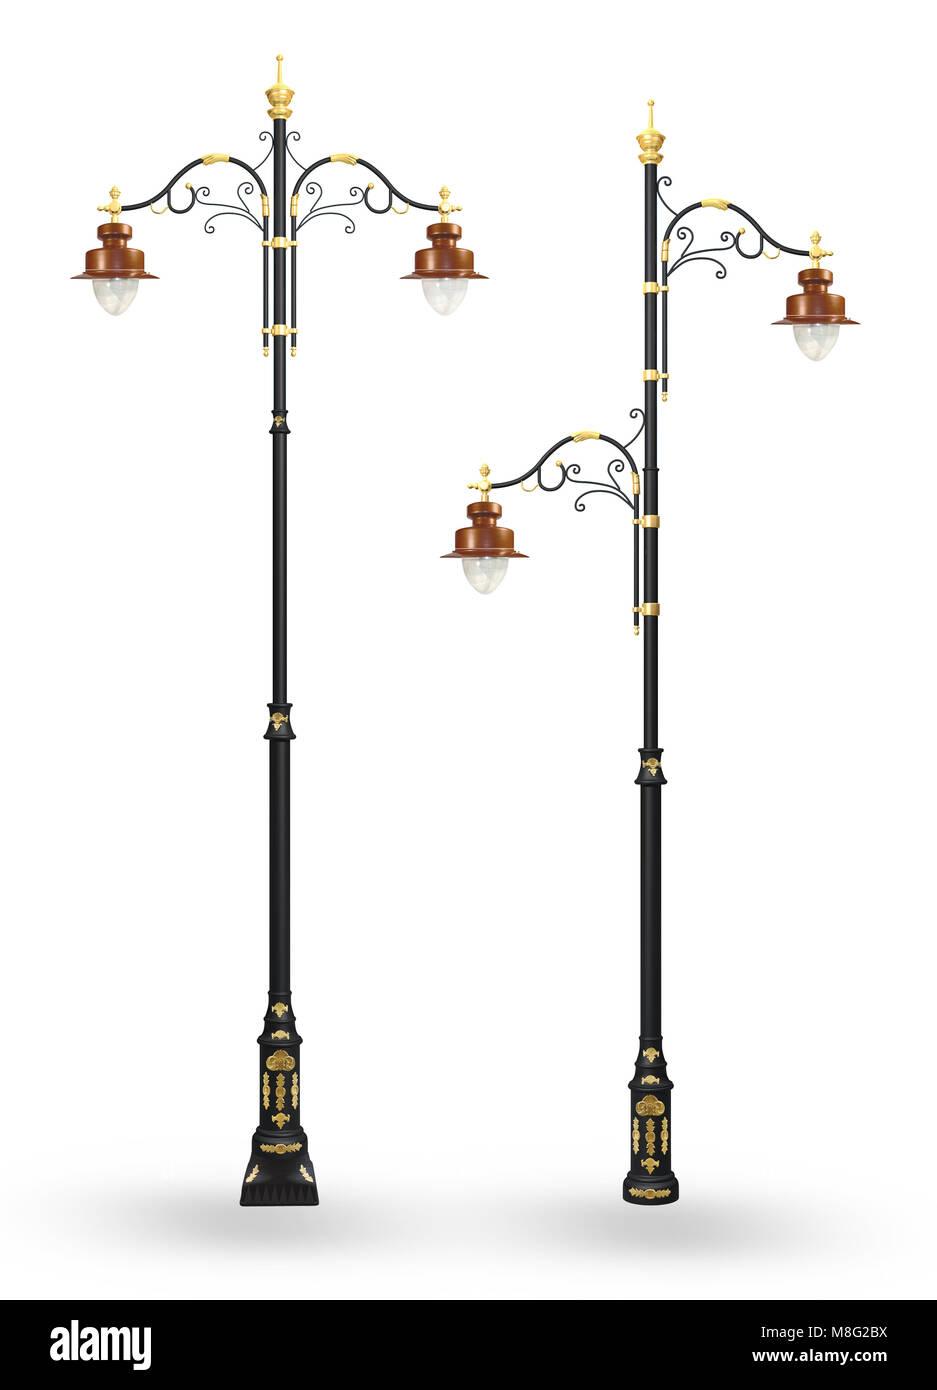 Ornate Lamp post - Stock Image